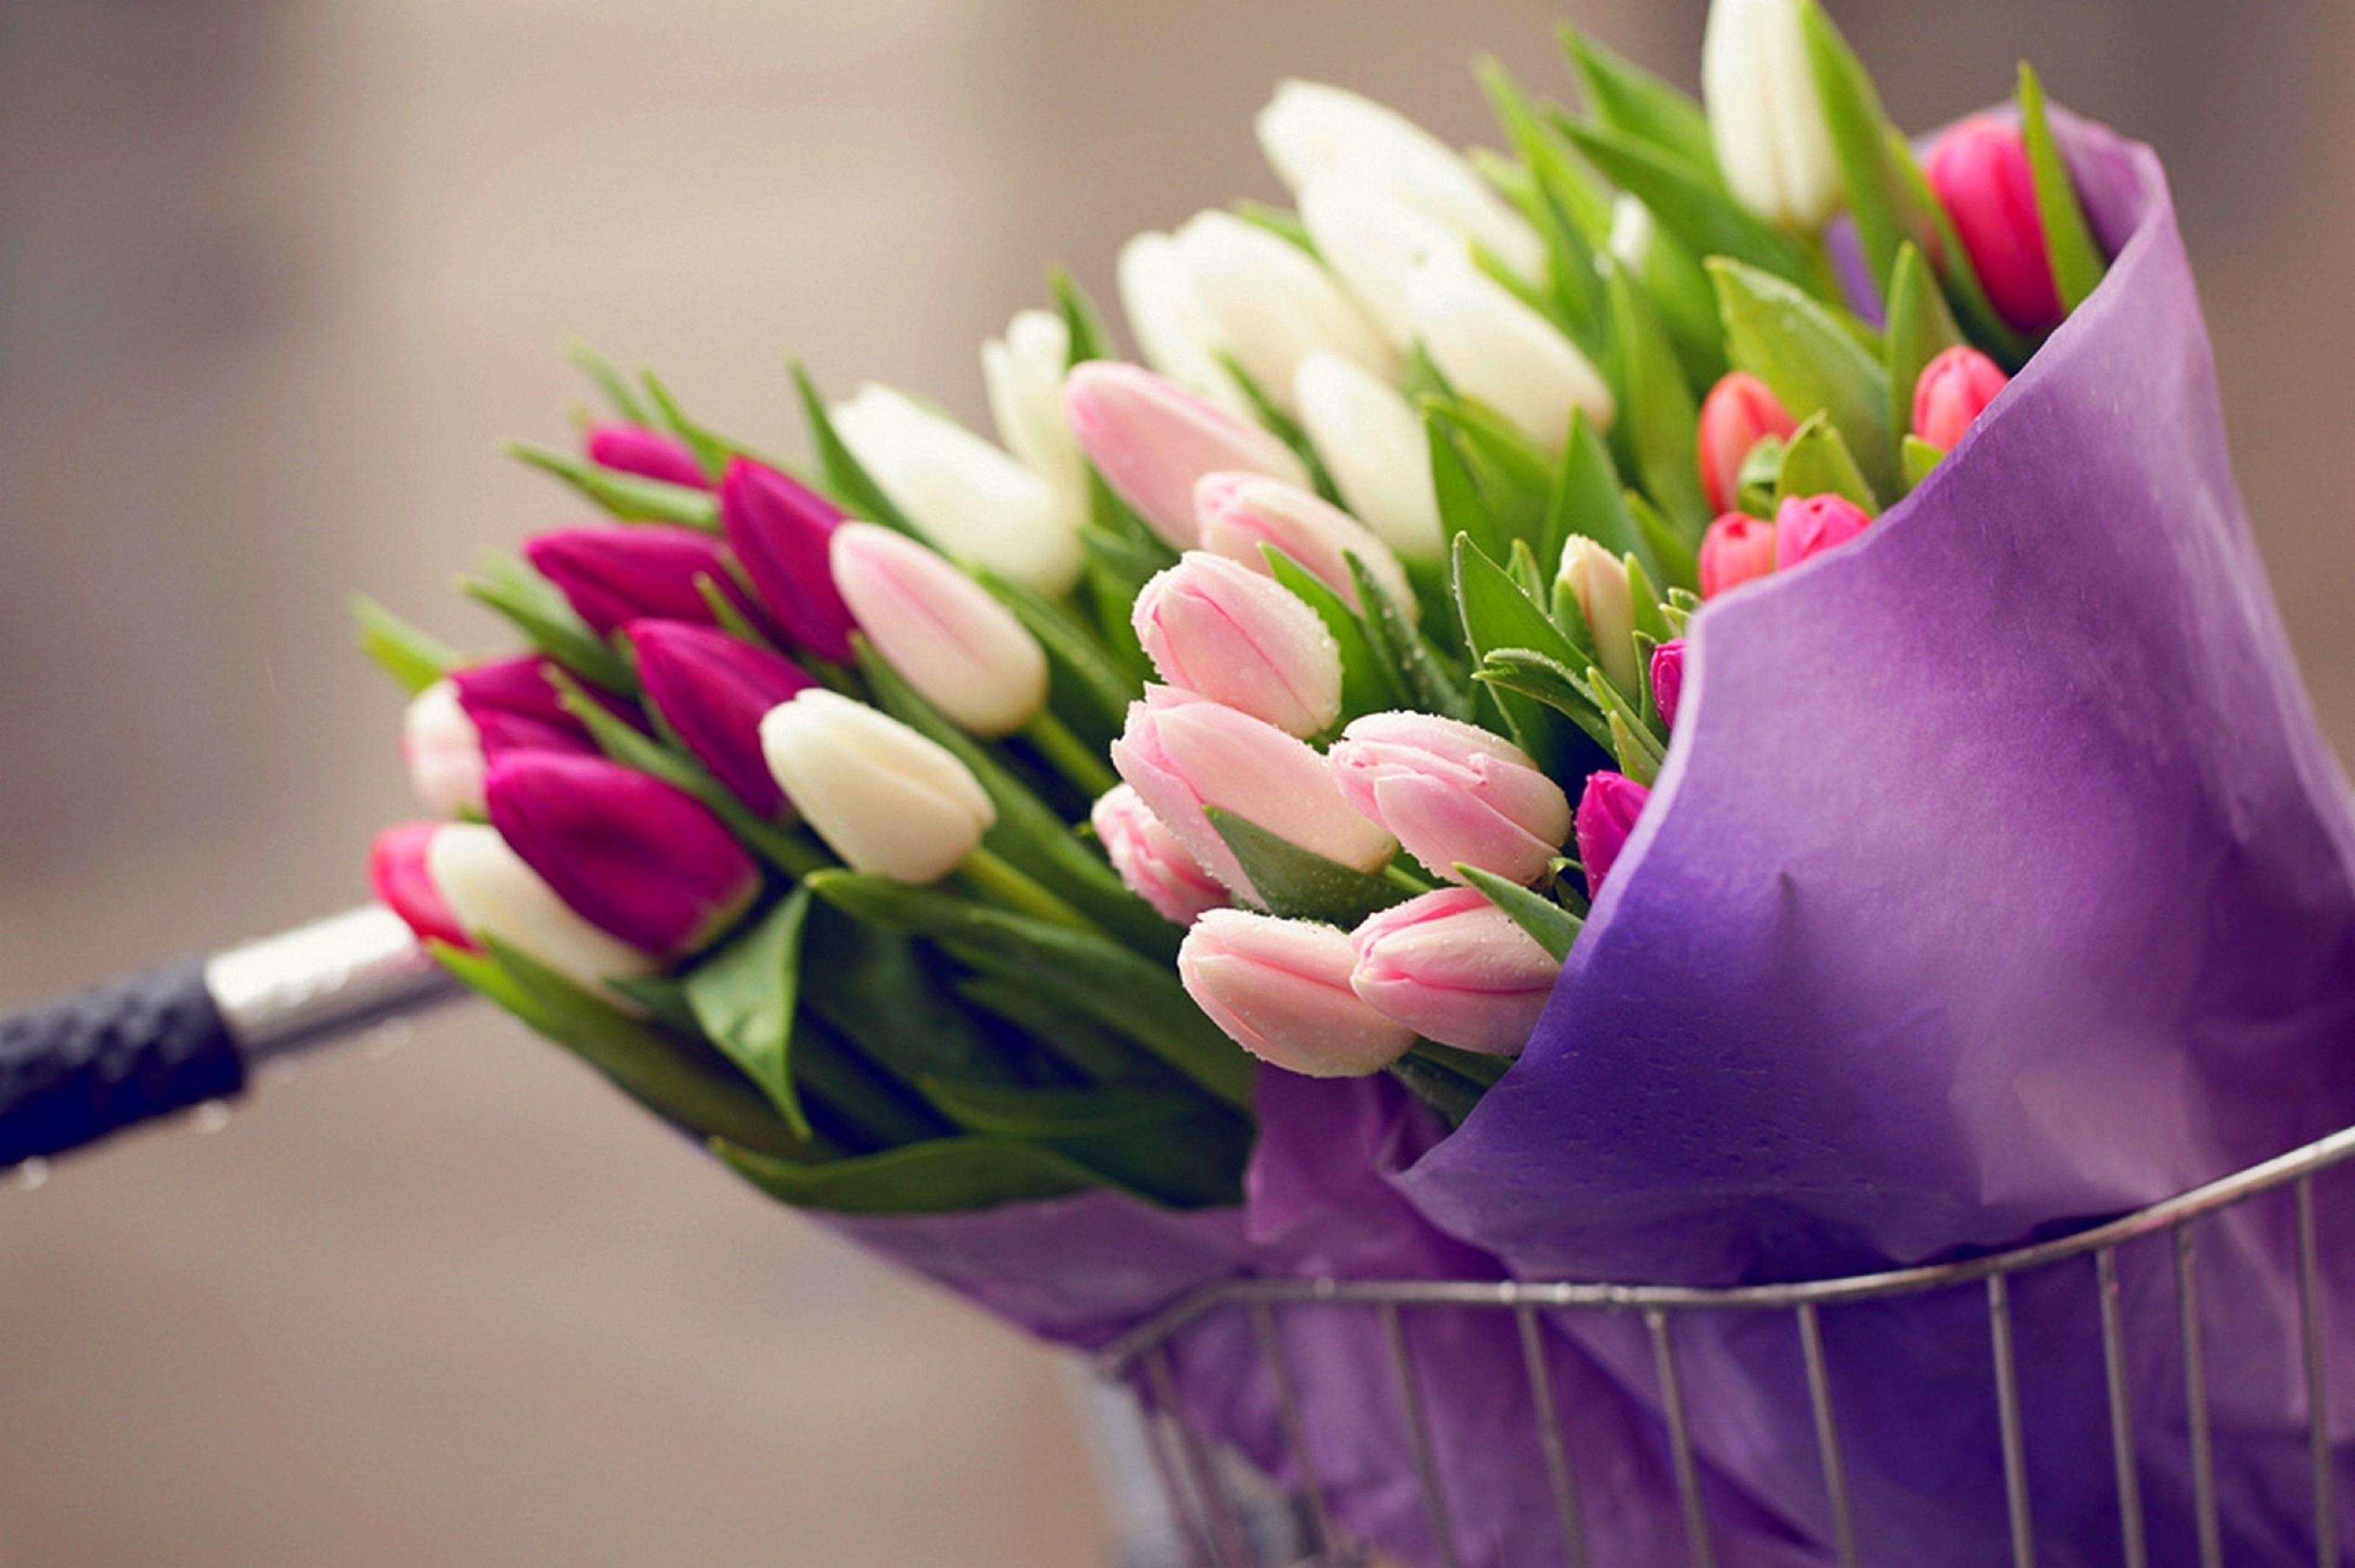 24 квітня народились: Волинець Лілія, Духнович Олександр та Химинець Юрій.